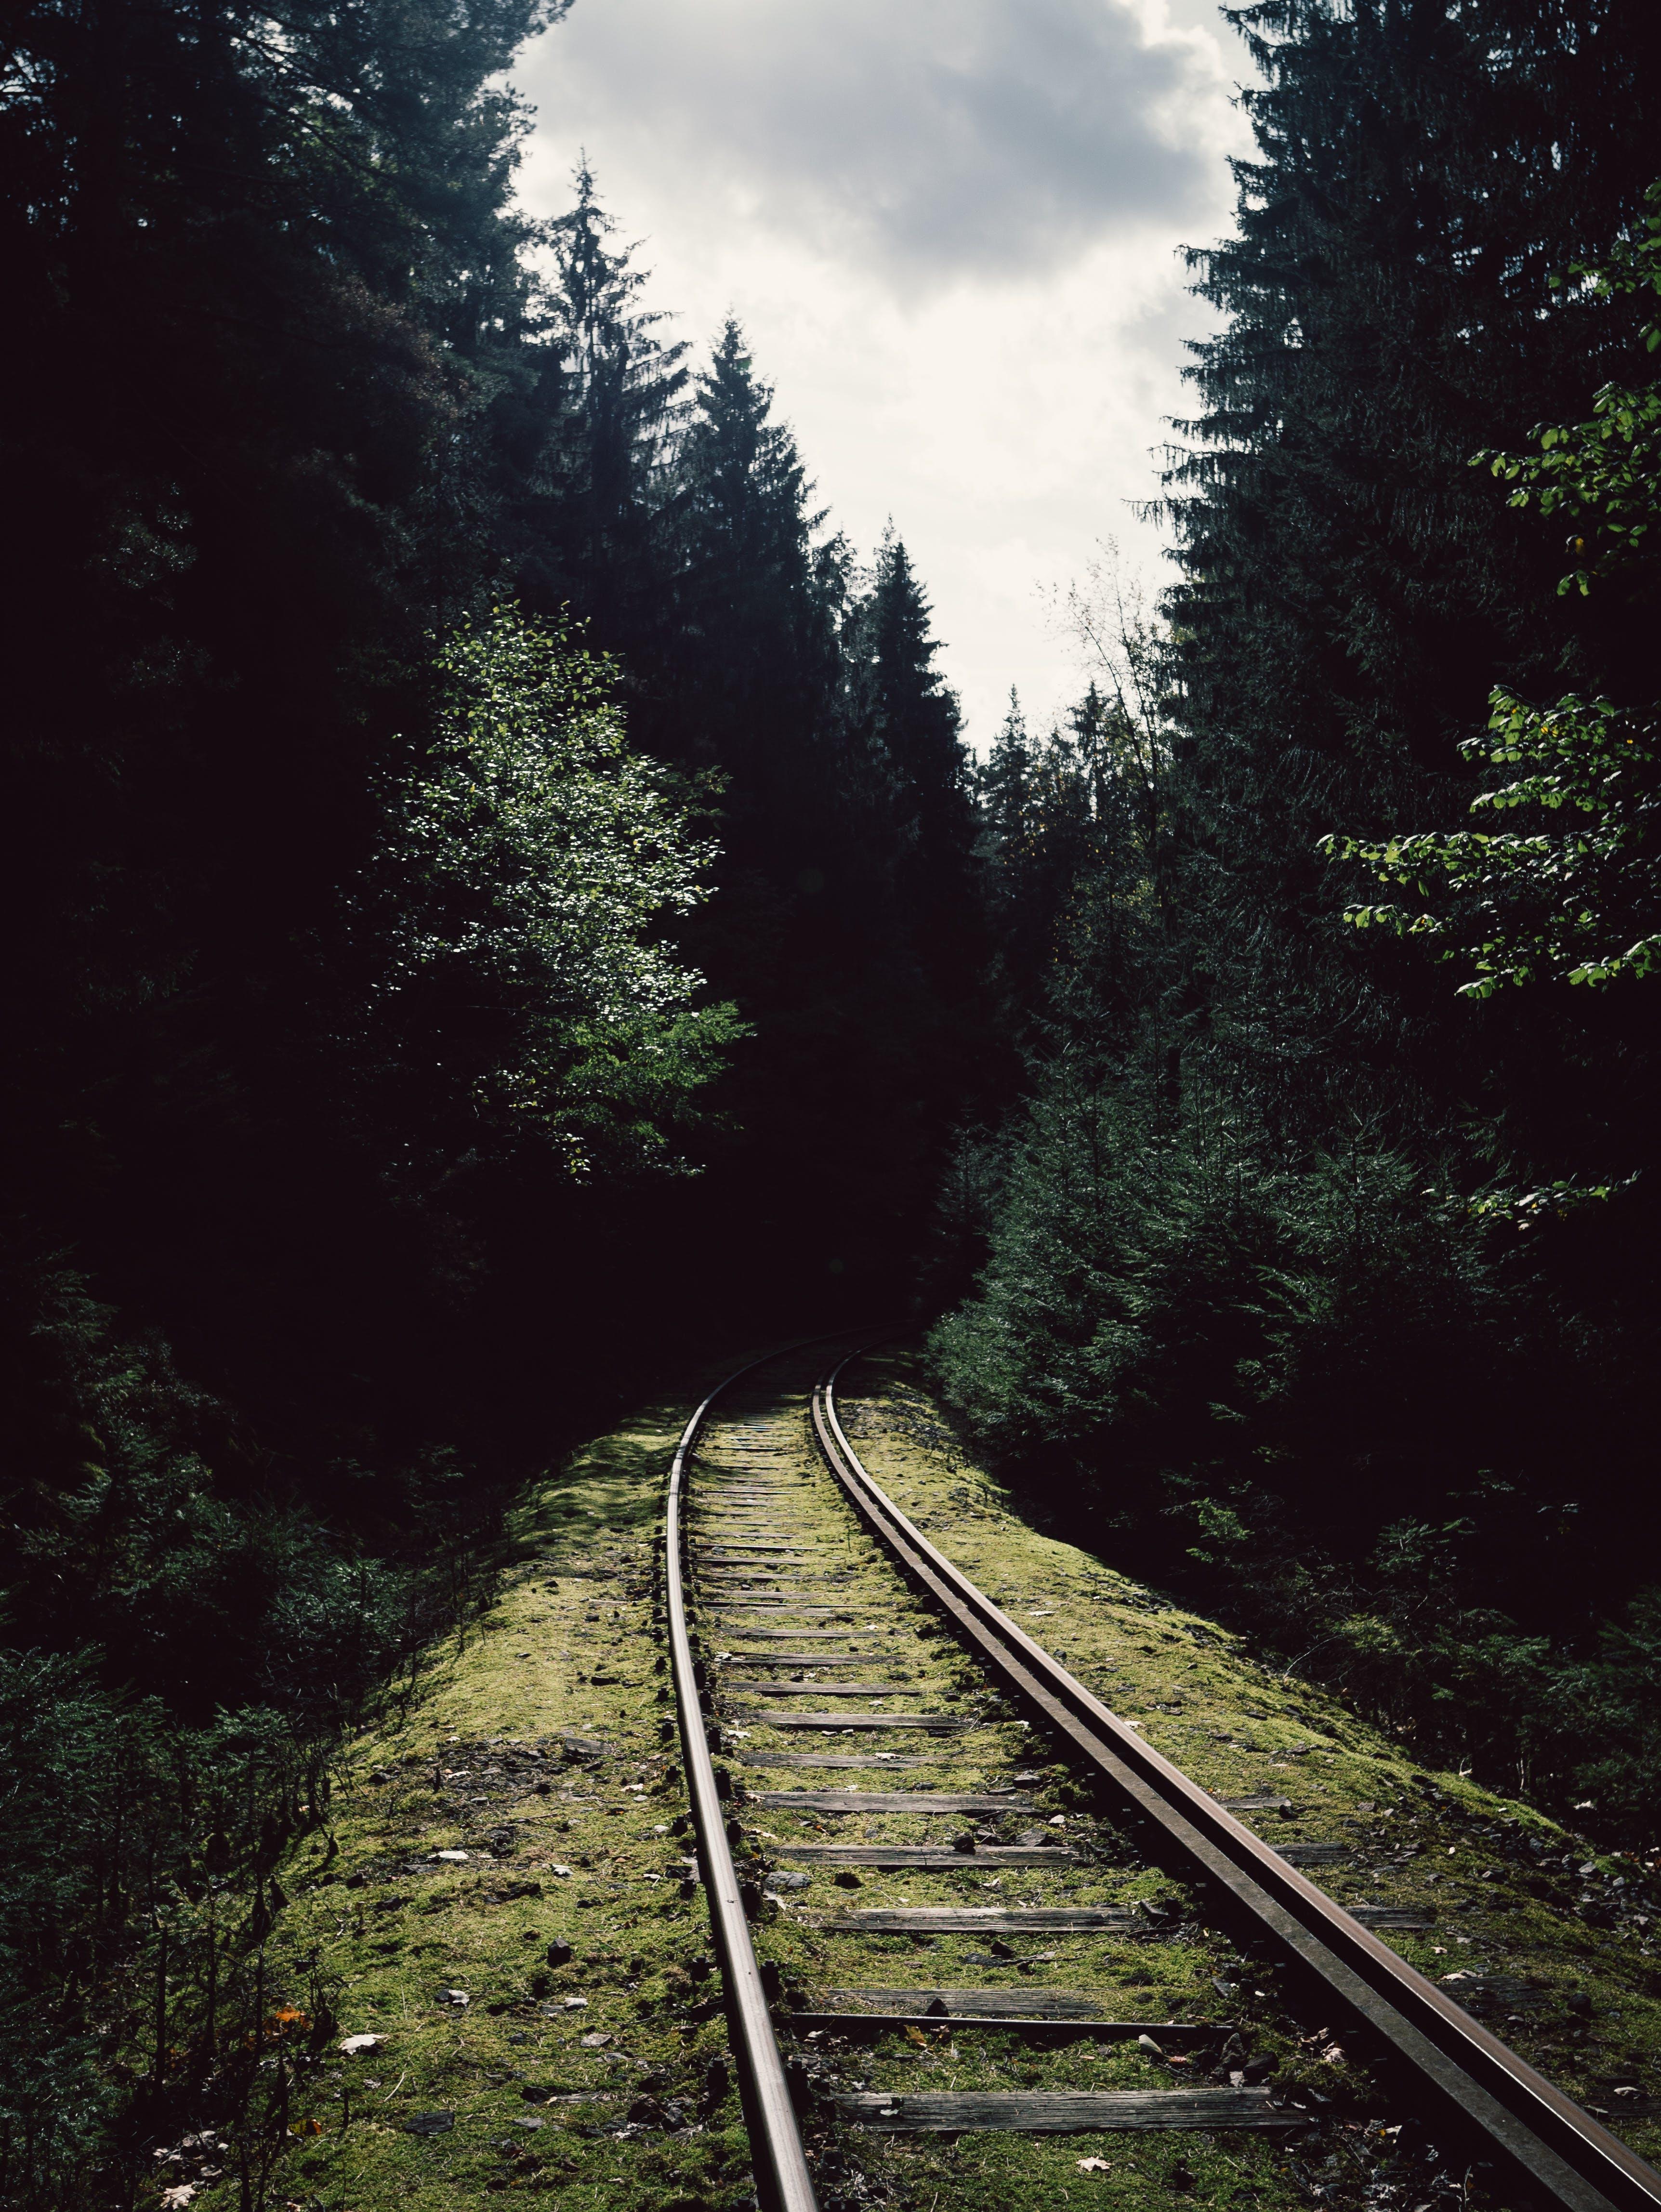 Kostenloses Stock Foto zu bäume, eisenbahn, eisenbahnschienen, fährte